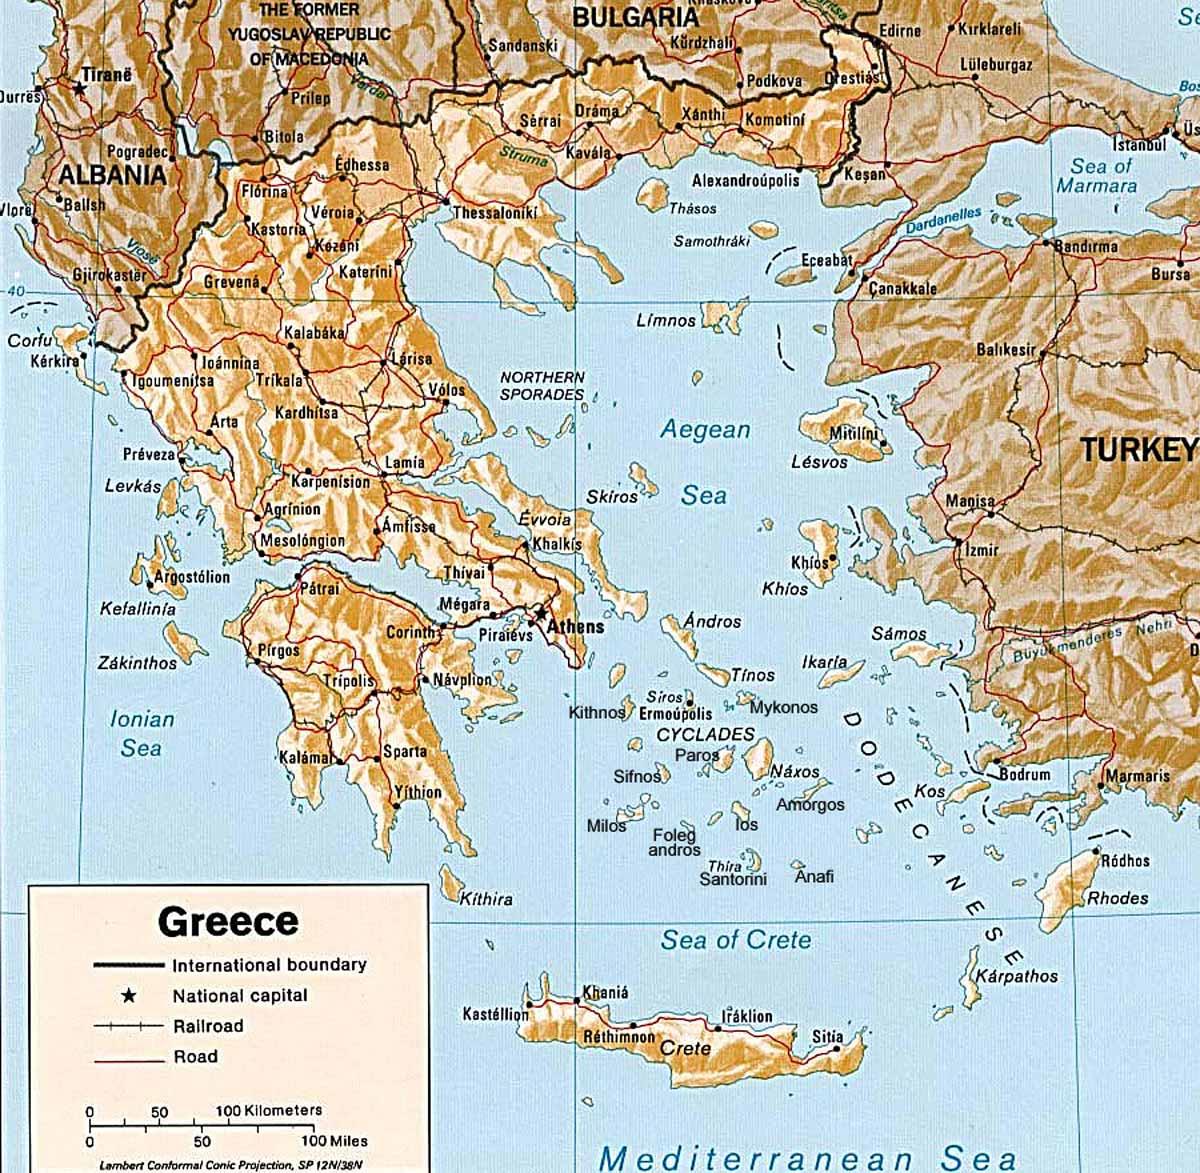 Μοσκοβισί: Λιγότερο επεμβατική η Τρόικα στην Ελλάδα